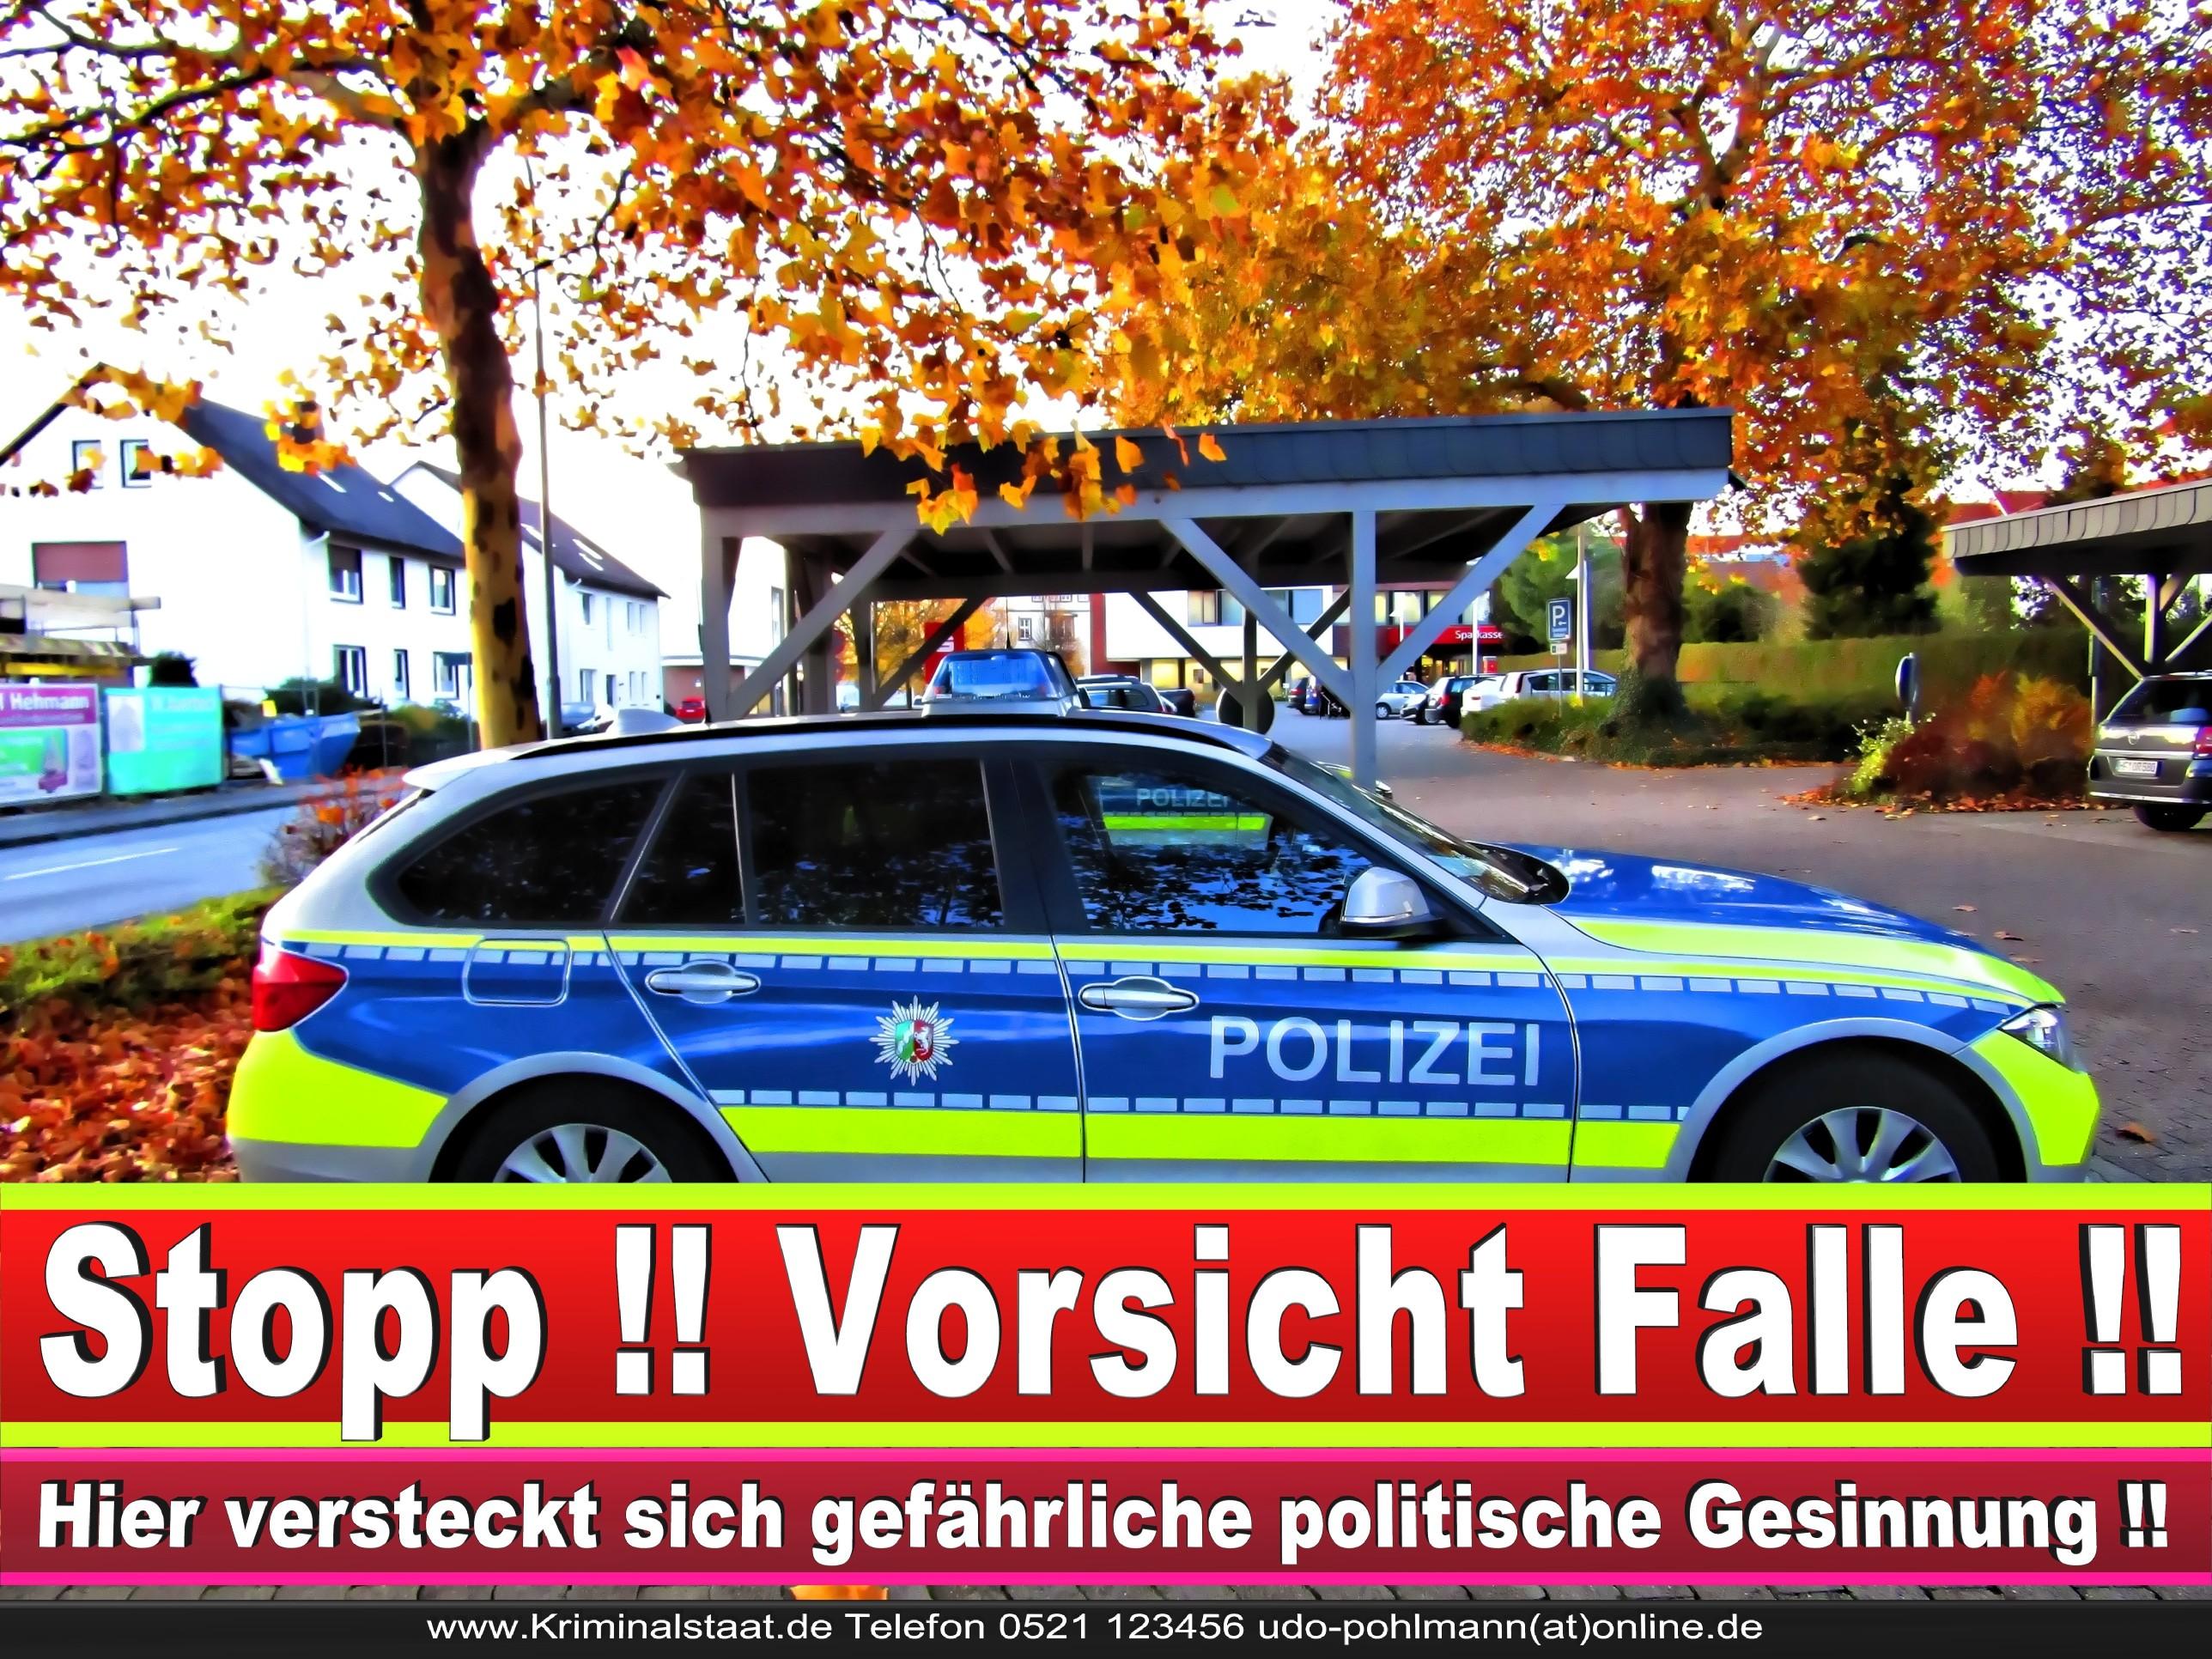 CDU Steinhagen Halle Harsewinkel Gütersloh Bielefeld Polizeirevier Polizisten Verurteilt Drogen Urteil Strafe Korruption Verbrechen Mafia Organisierte Kriminalität (4)